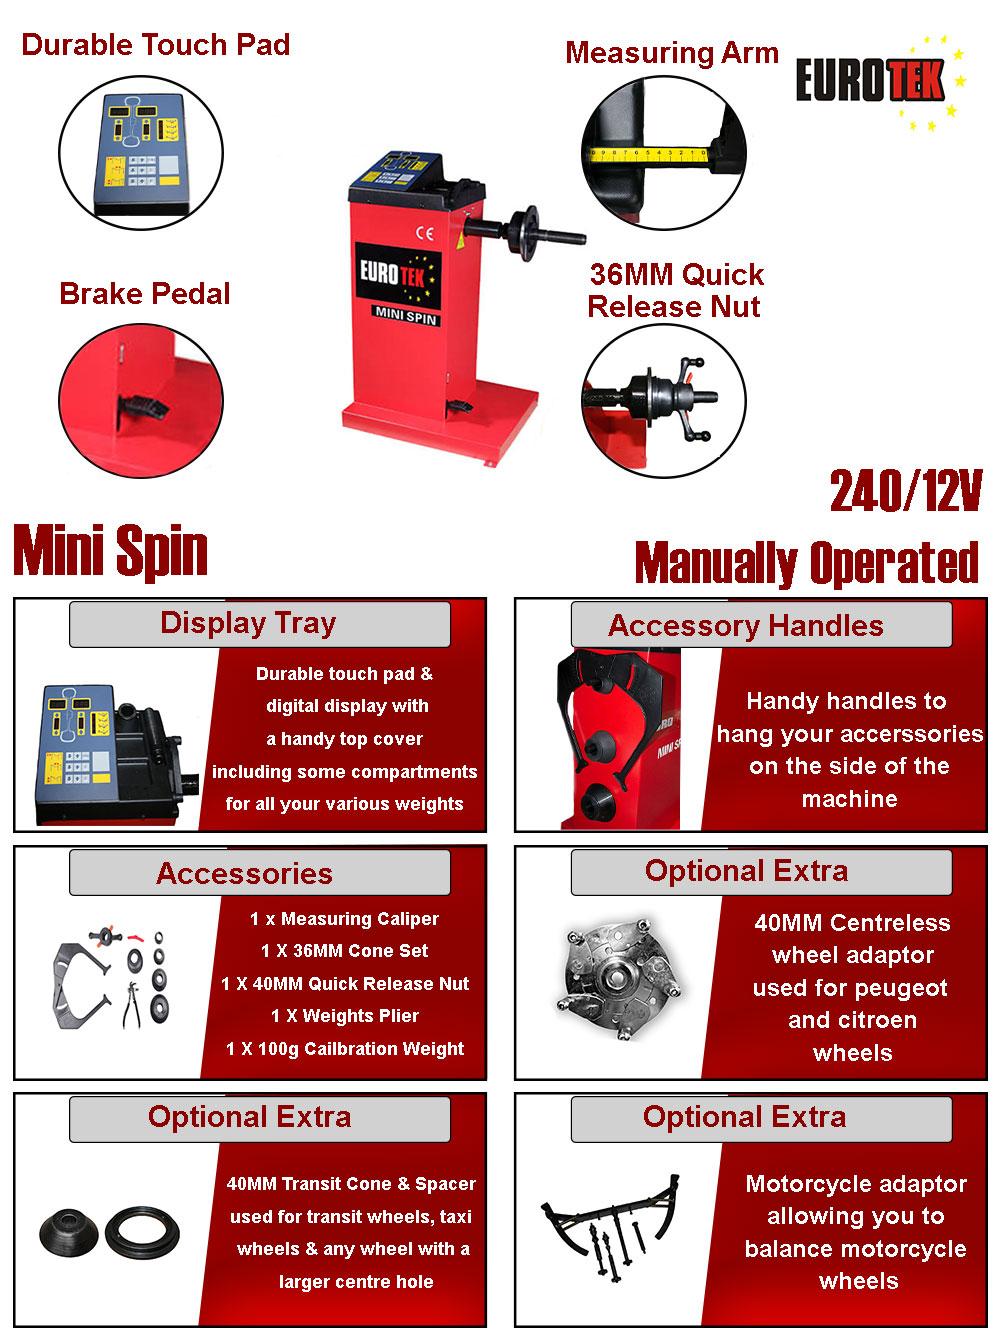 Eurotek Mini Spin Wheel Balancer information fkyer